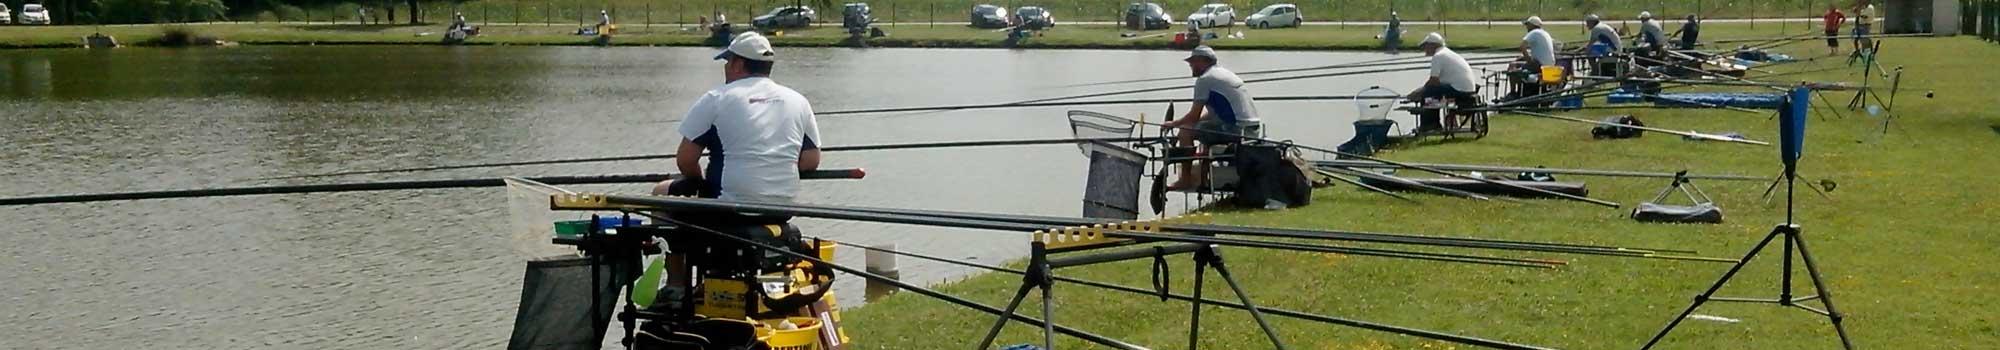 GAM S.n.c. | Pesca al colpo